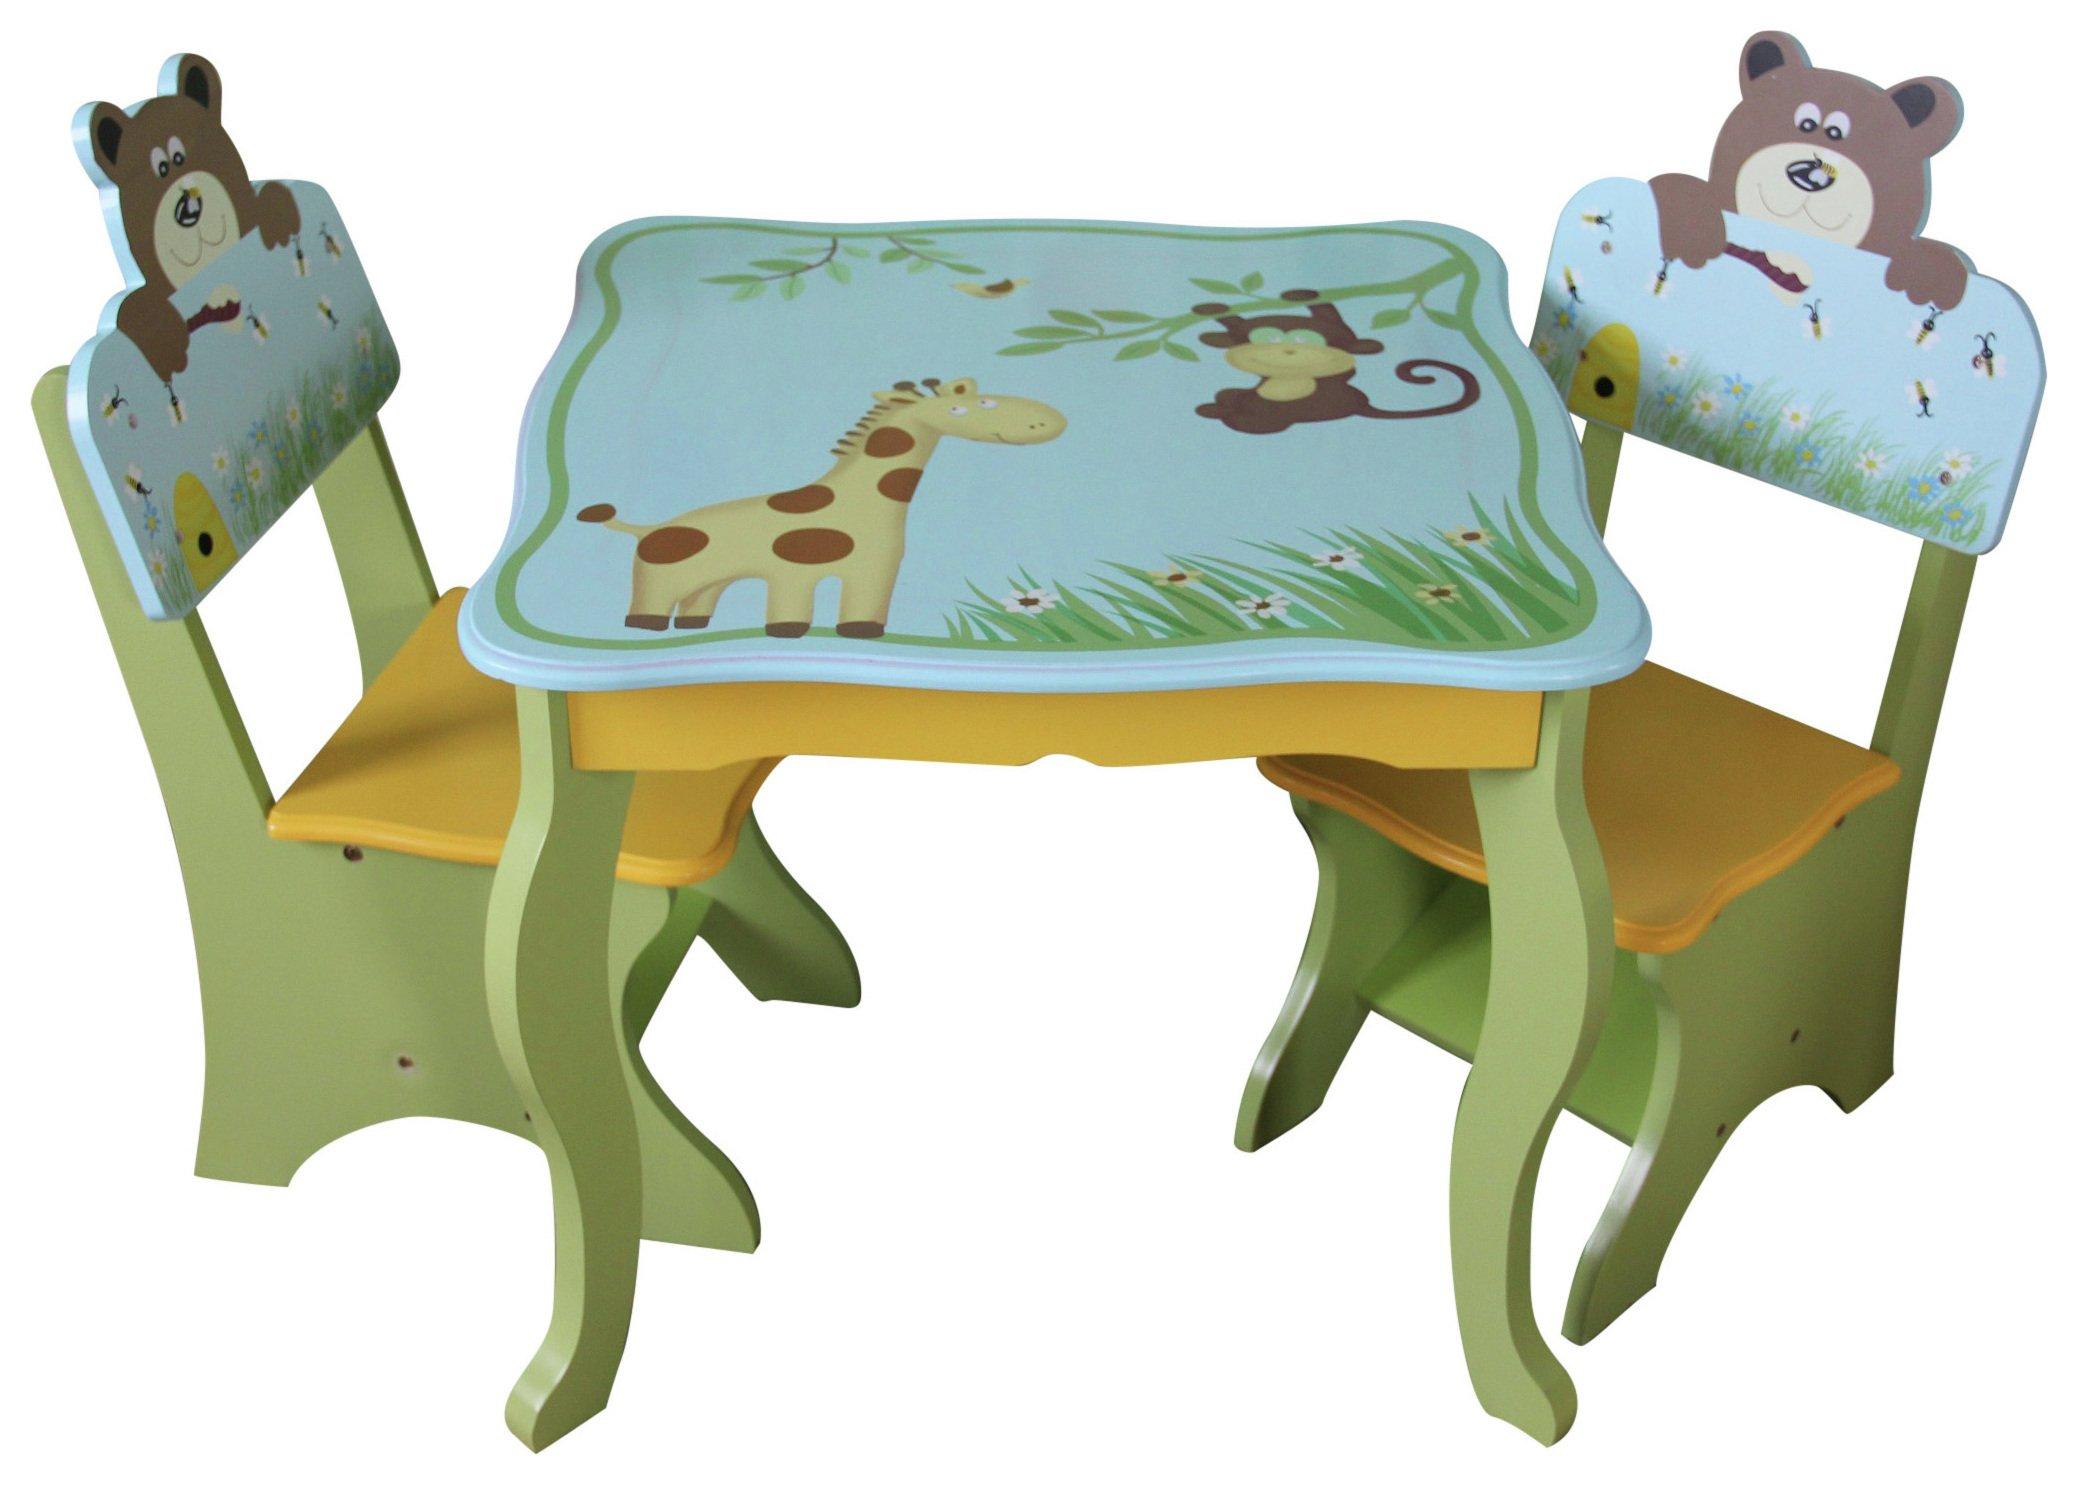 liberty-house-toys-animal-table-chair-set